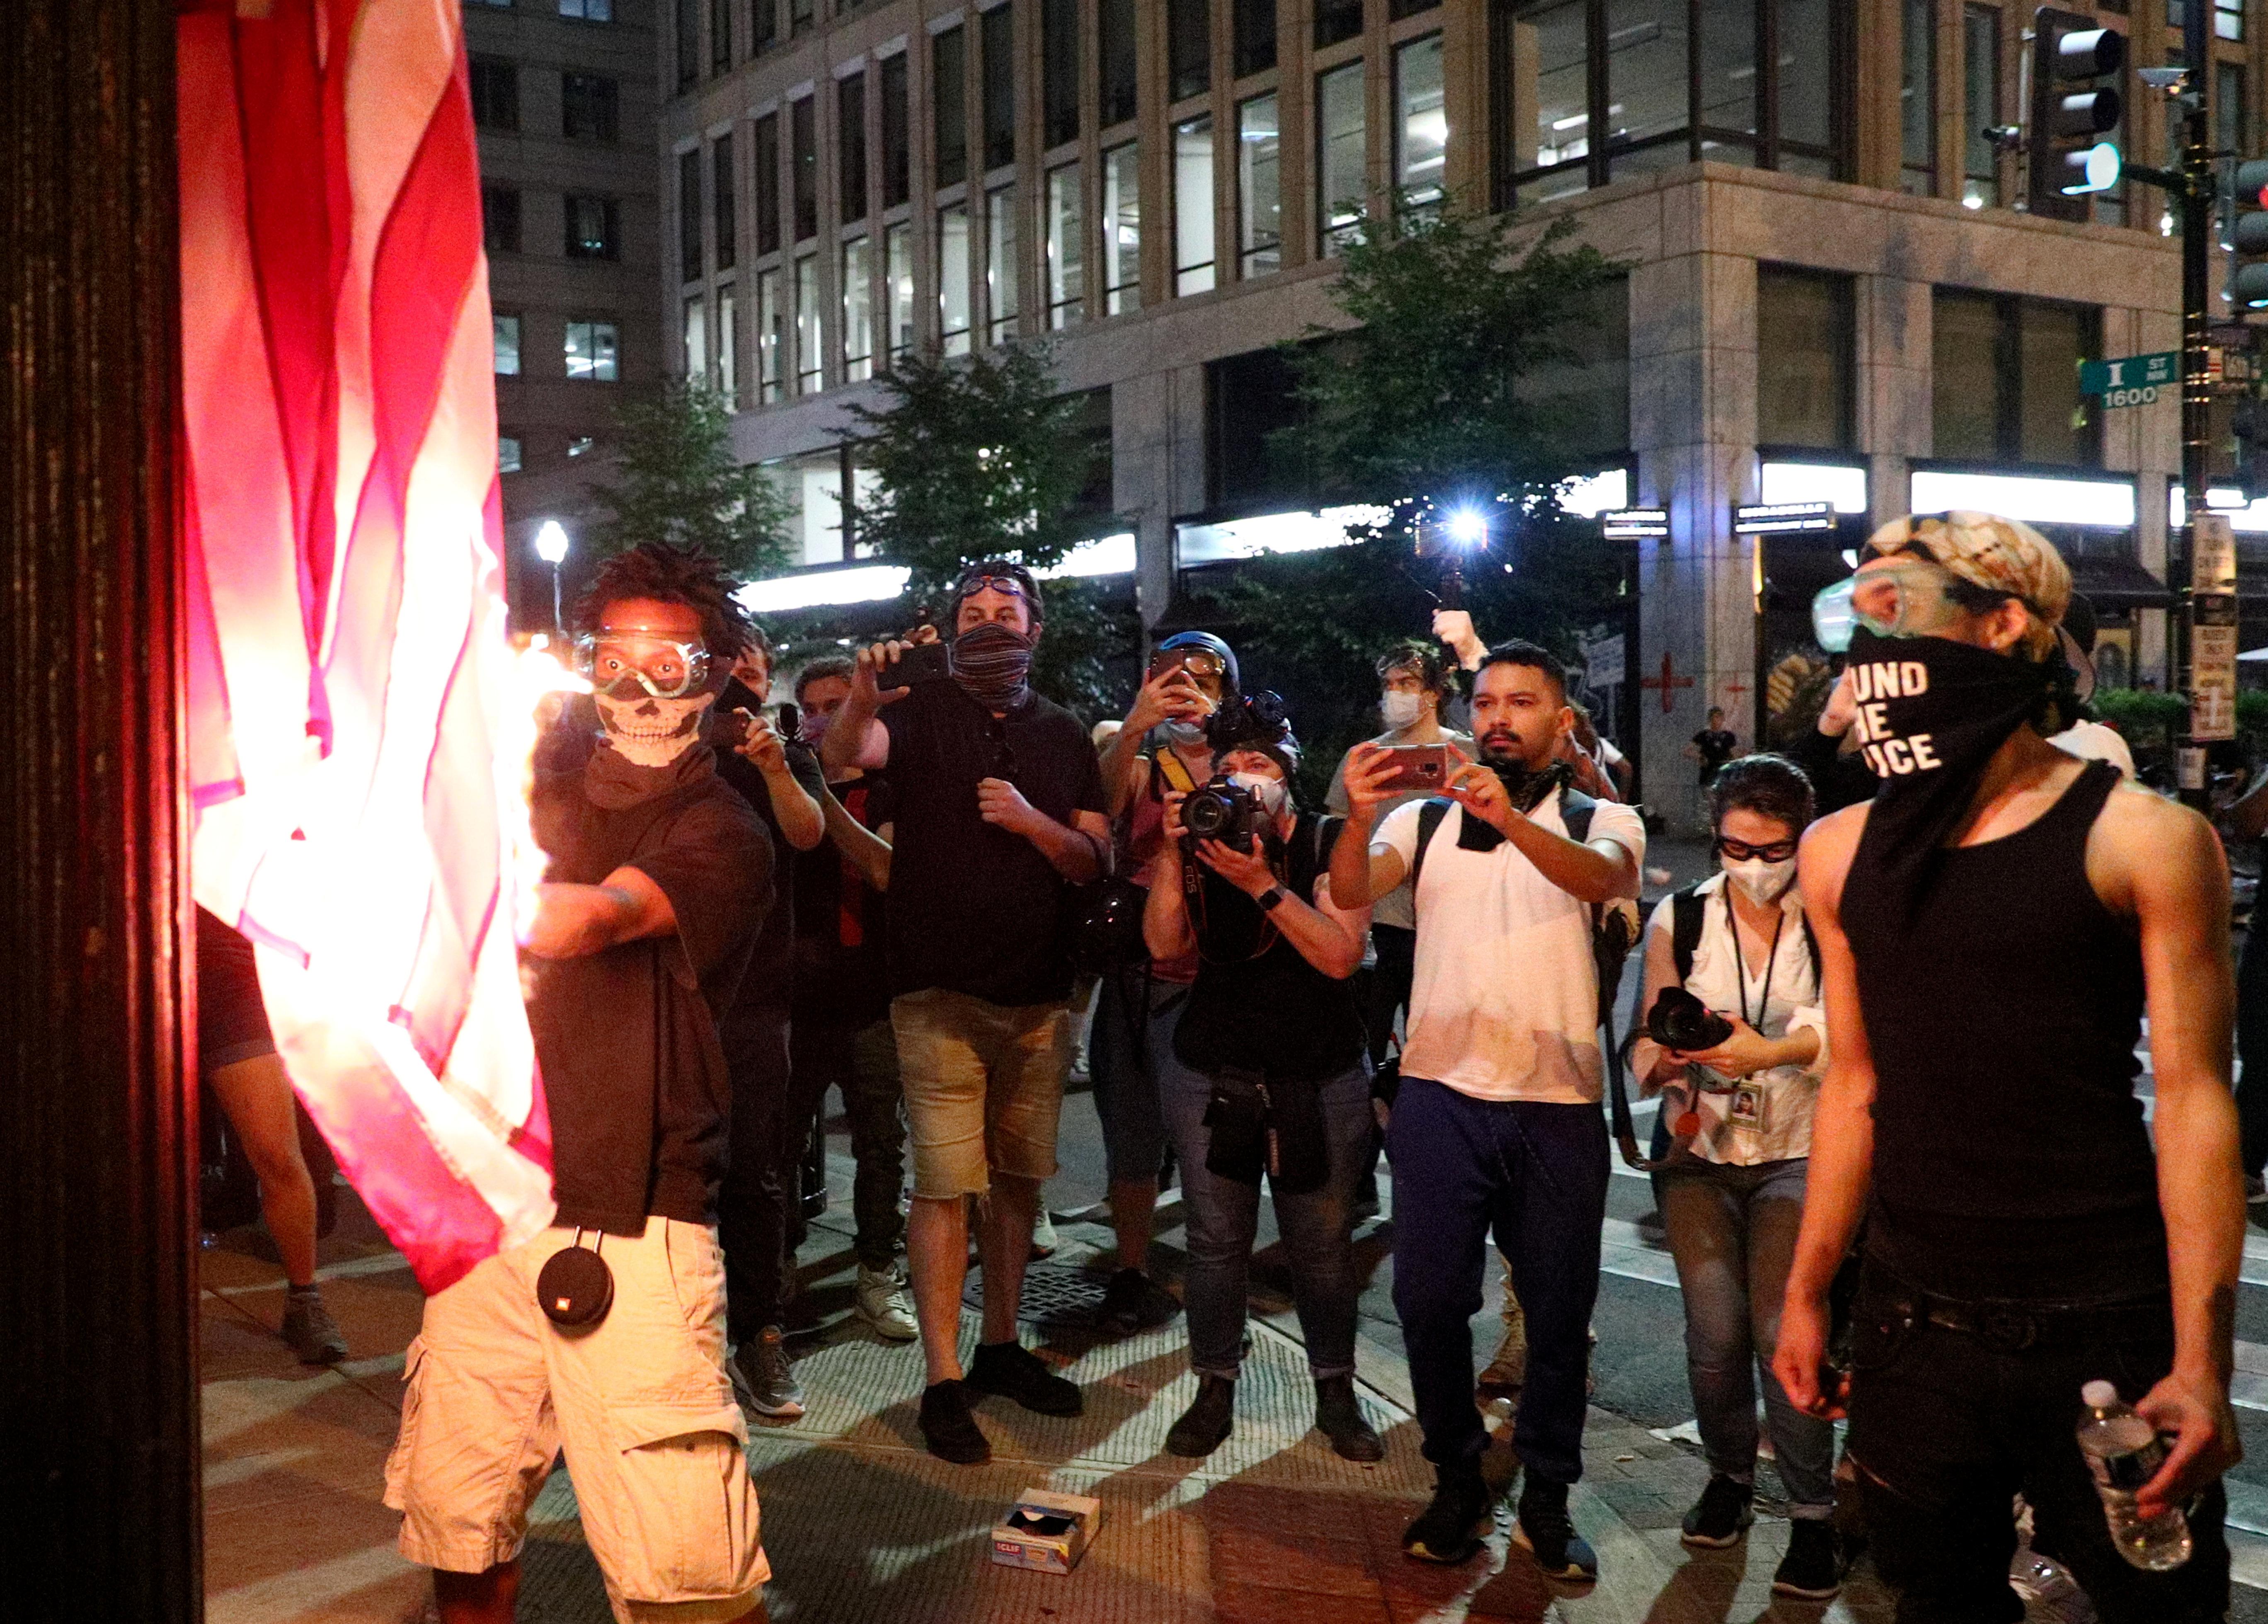 Американские безопасники готовятся к беспорядкам после выборов президента